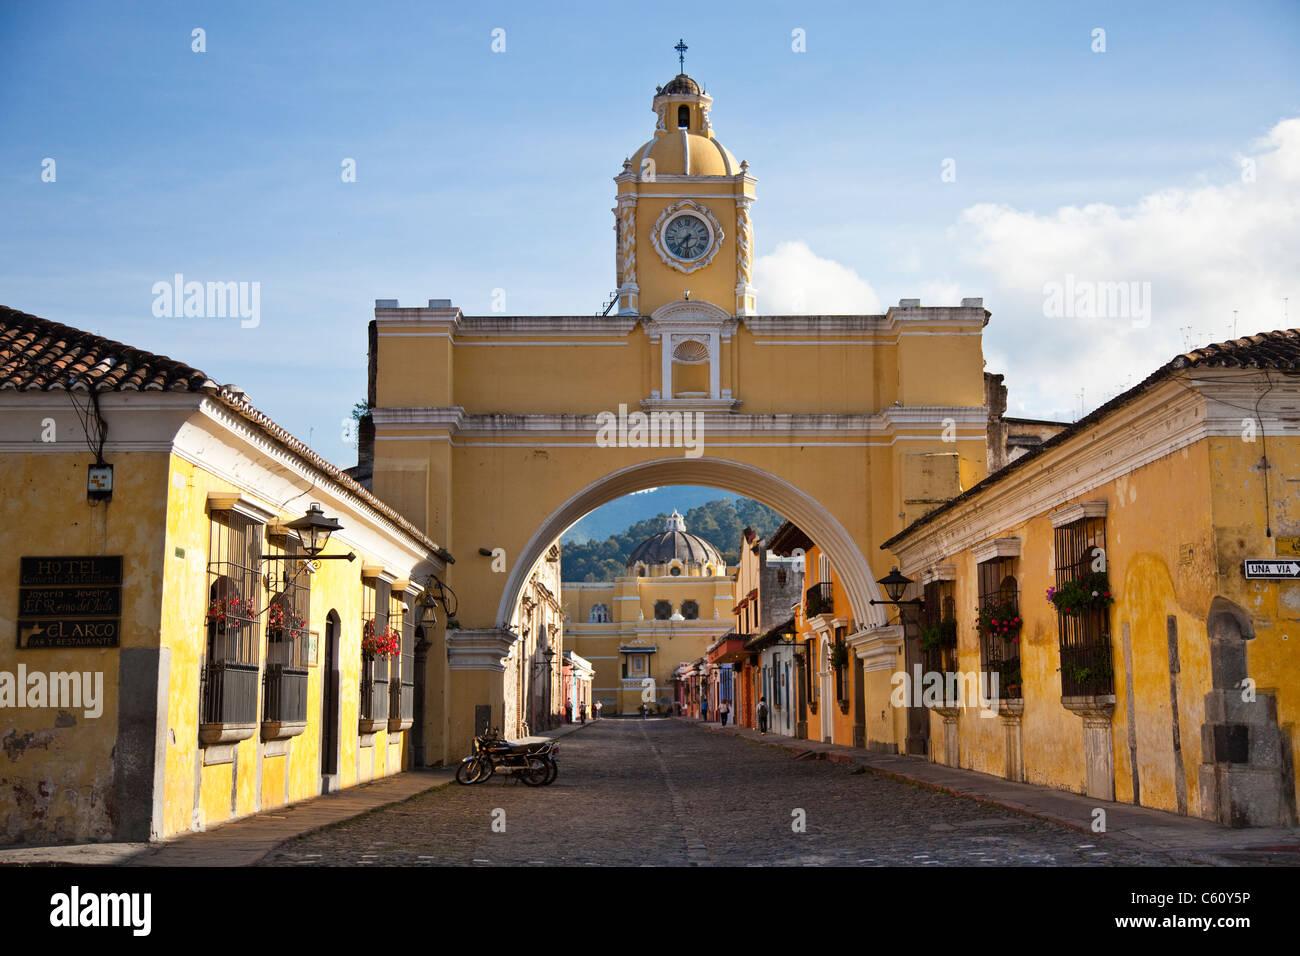 Nuestra Senora de la Merced, Santa Catalina Arch, Calle del Arco, Antigua, Guatemala Immagini Stock